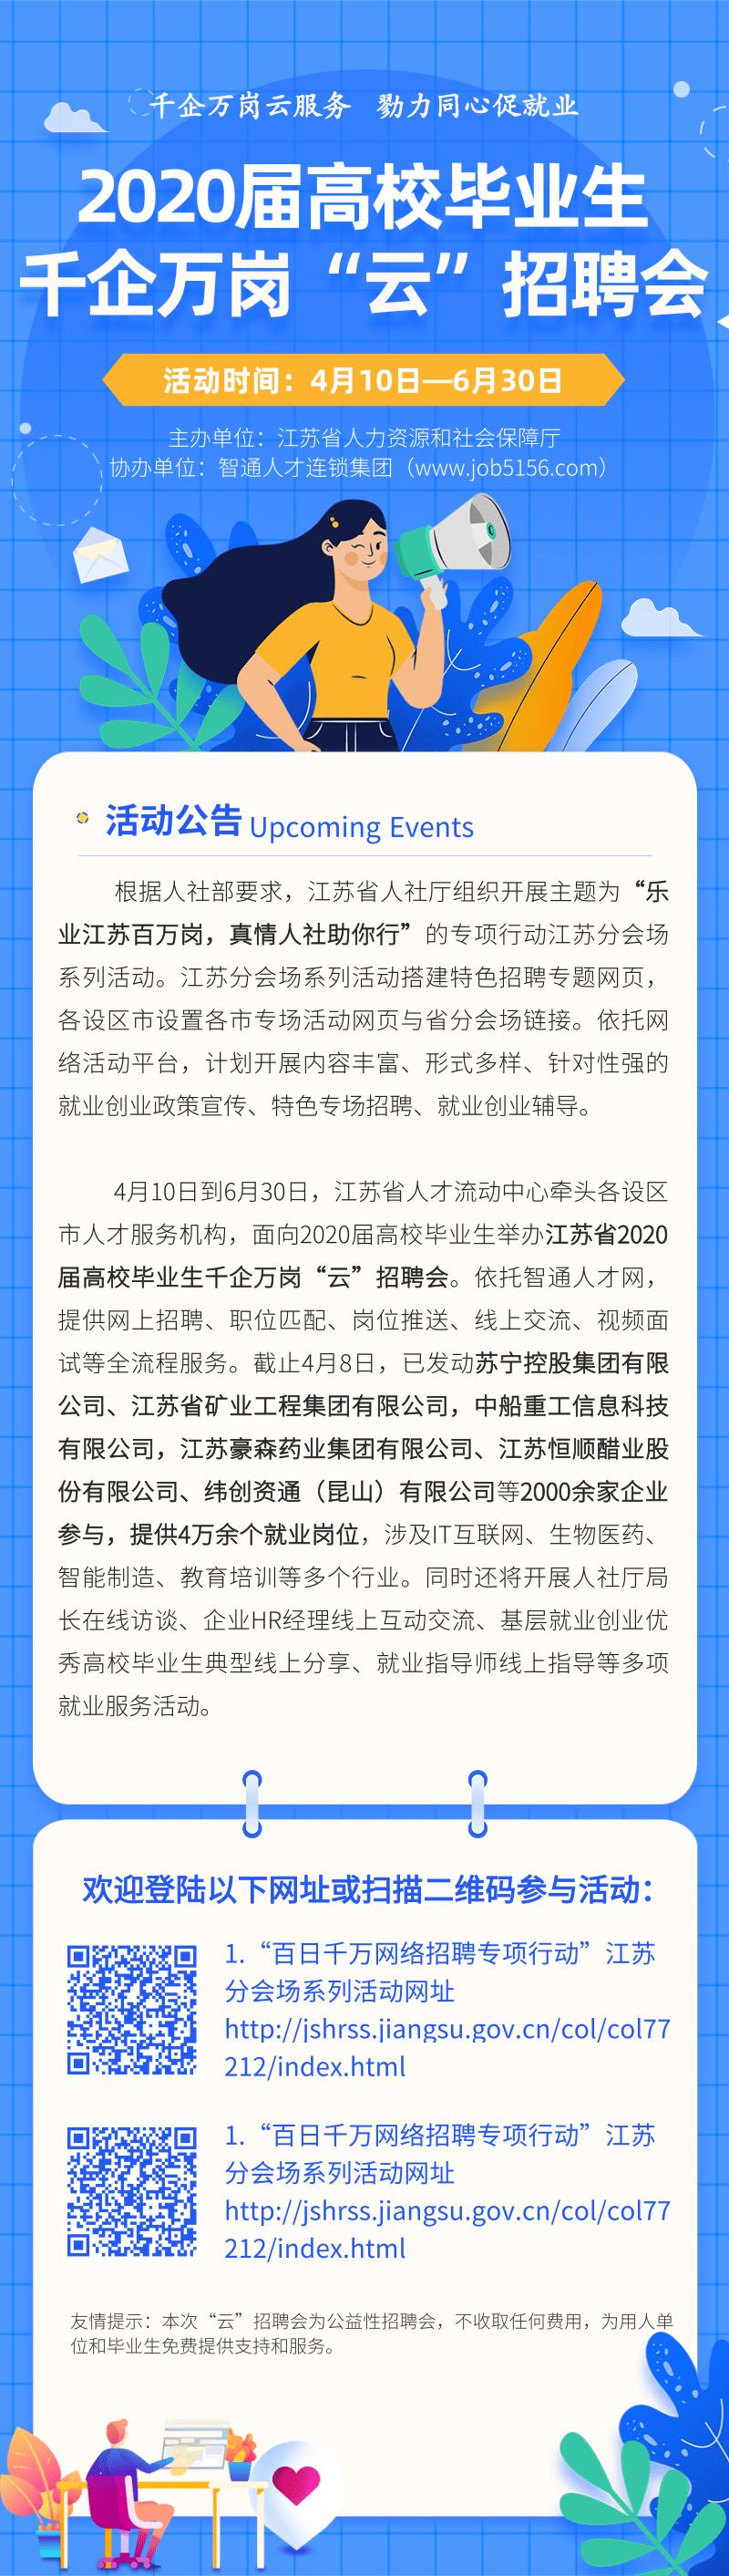 千企万岗云招聘.png